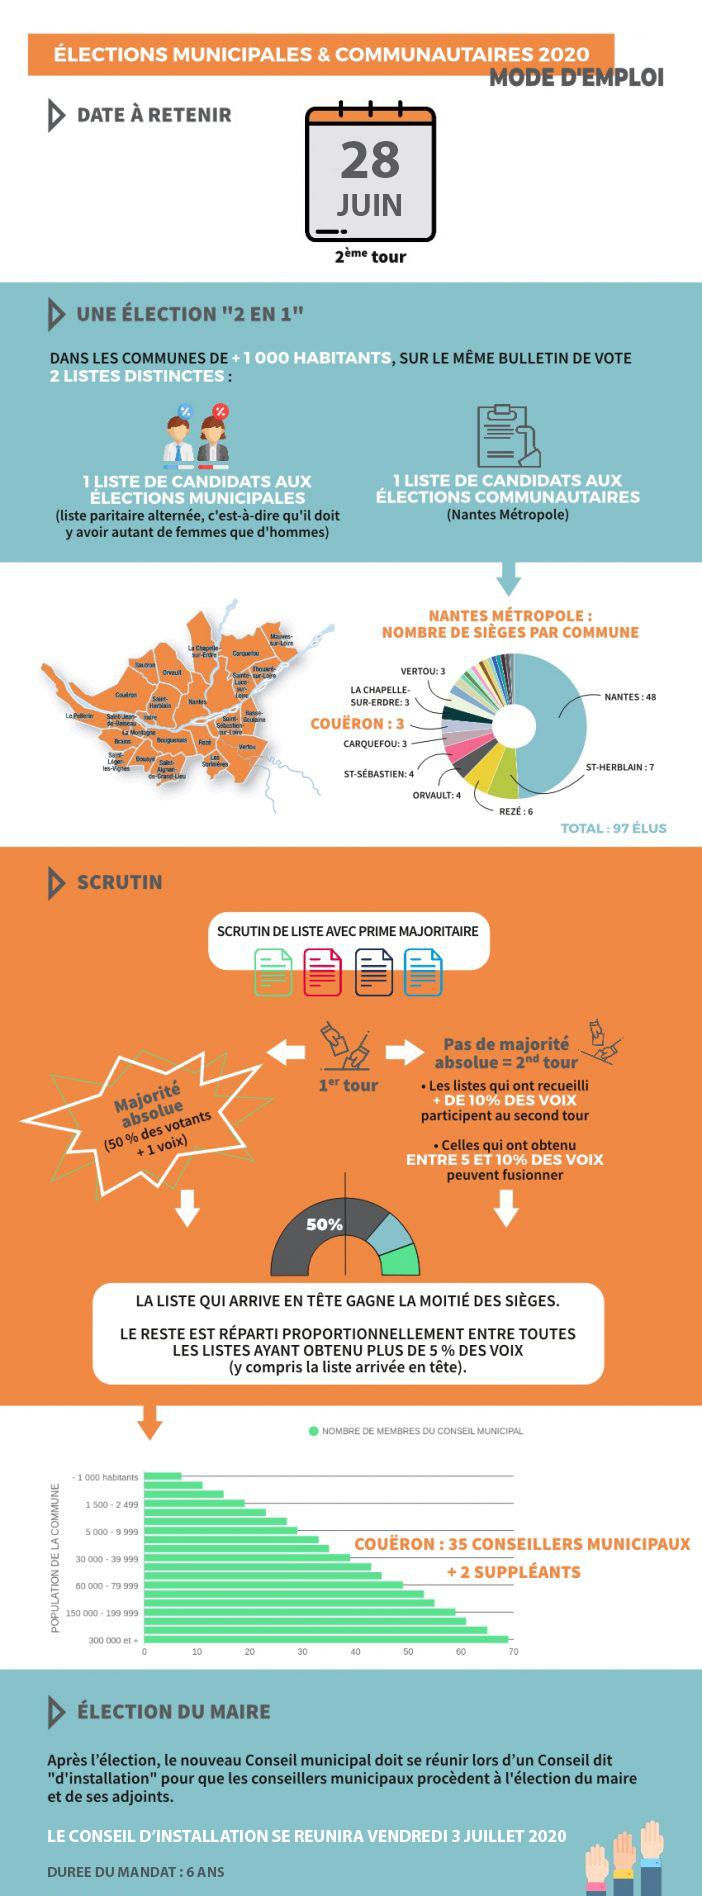 Infographie élections municipales 2nd tour